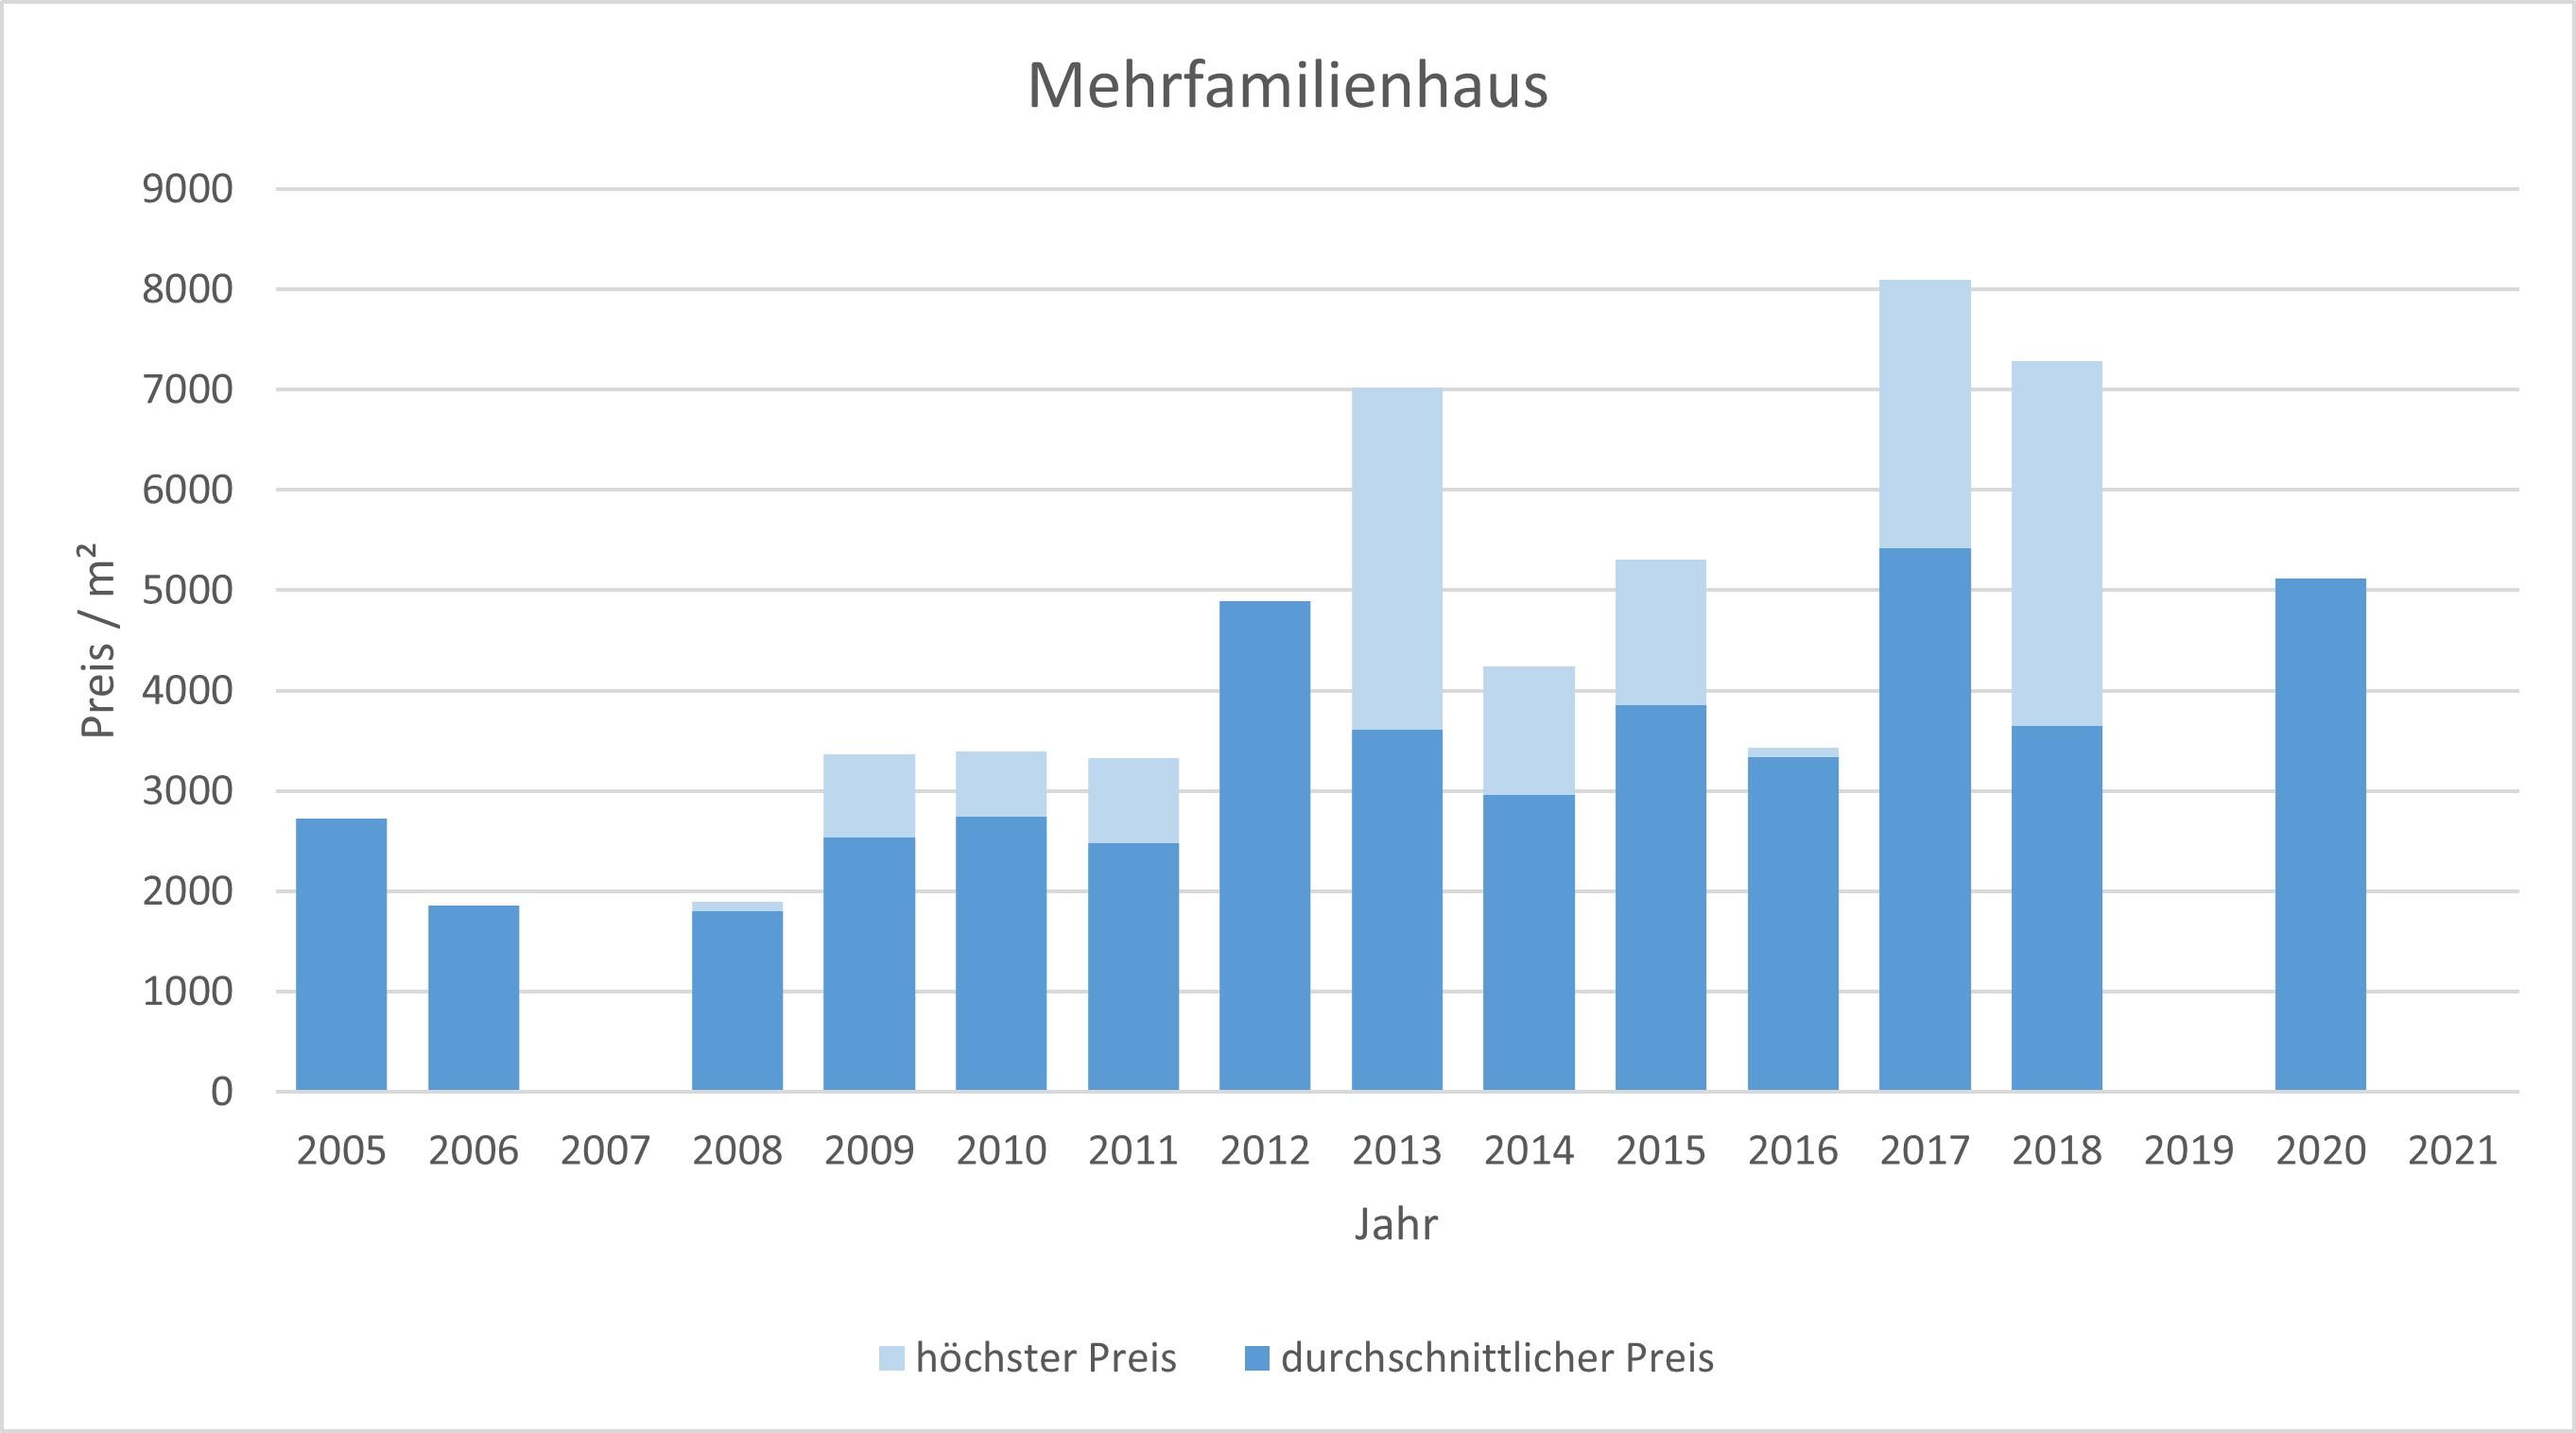 Emmering Mehrfamilienhaus kaufen verkaufen Preis 2019 2020 2021 Bewertung Makler www.happy-immo.de